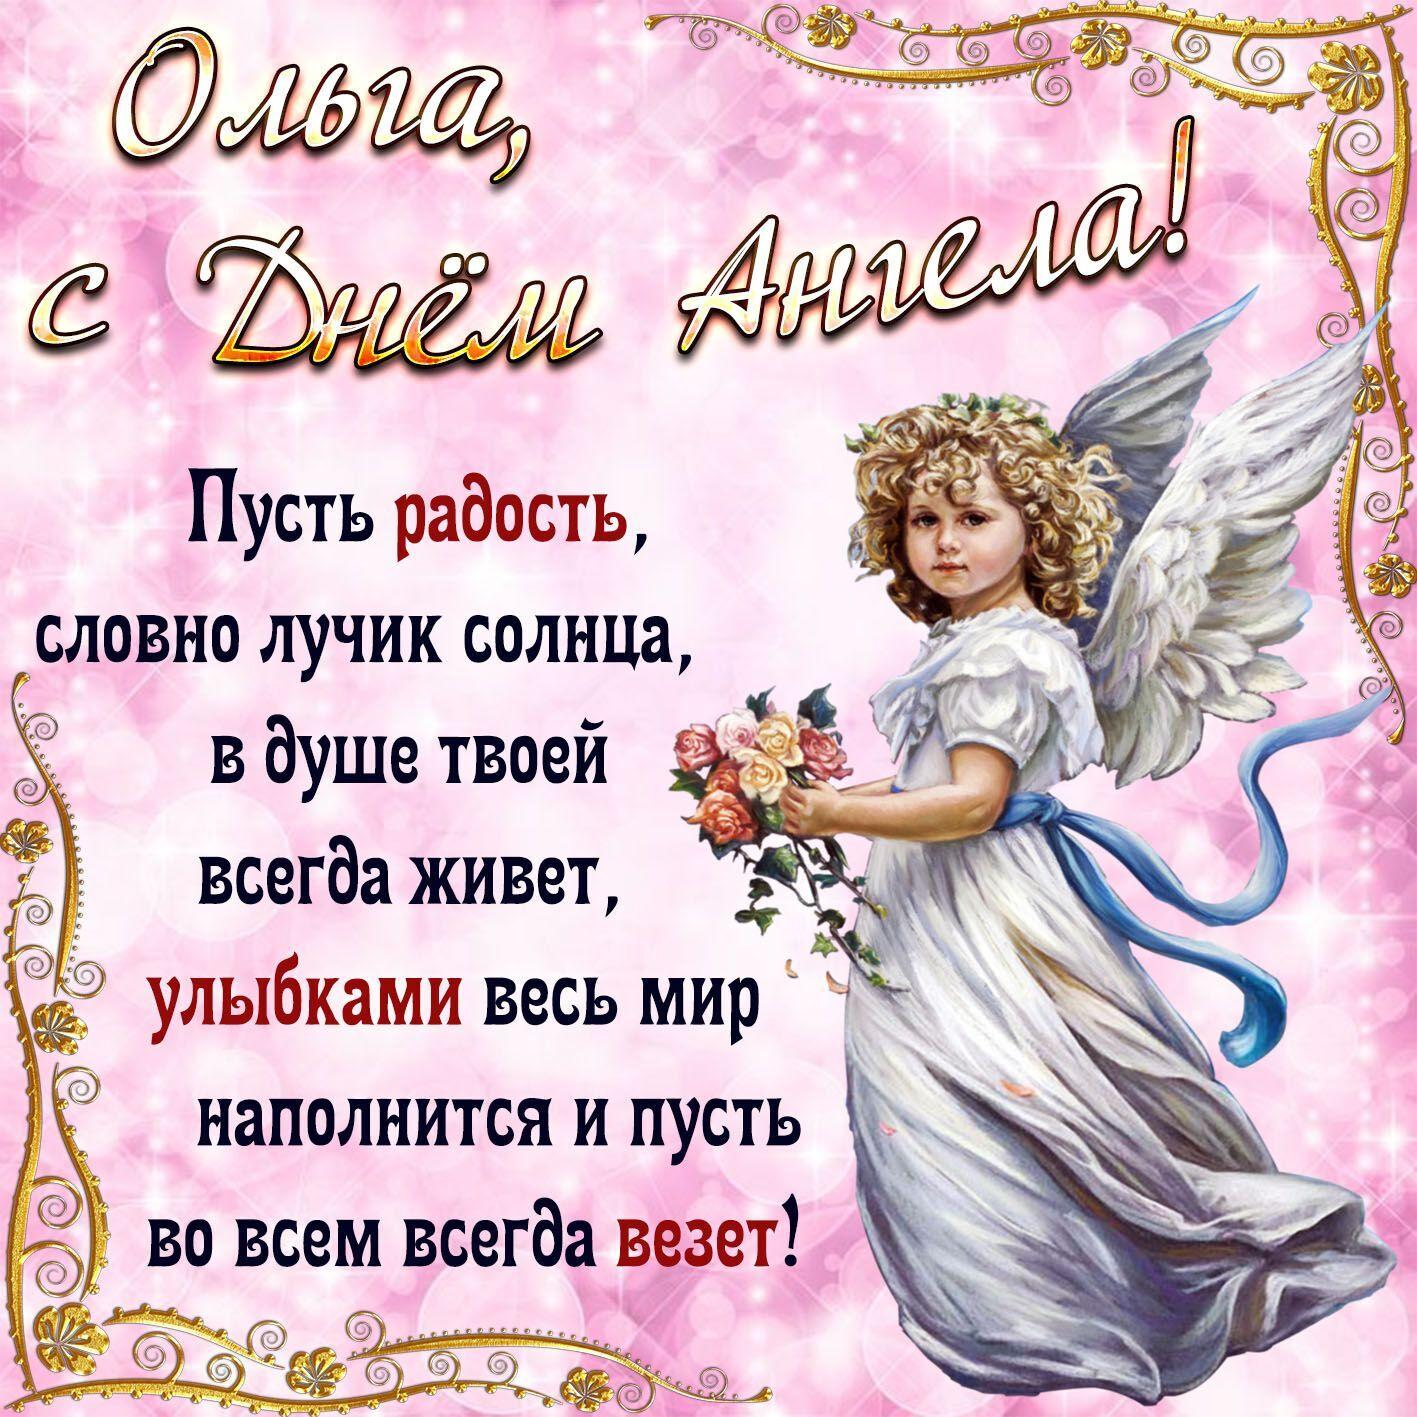 Привітання з днем ангела Ольги